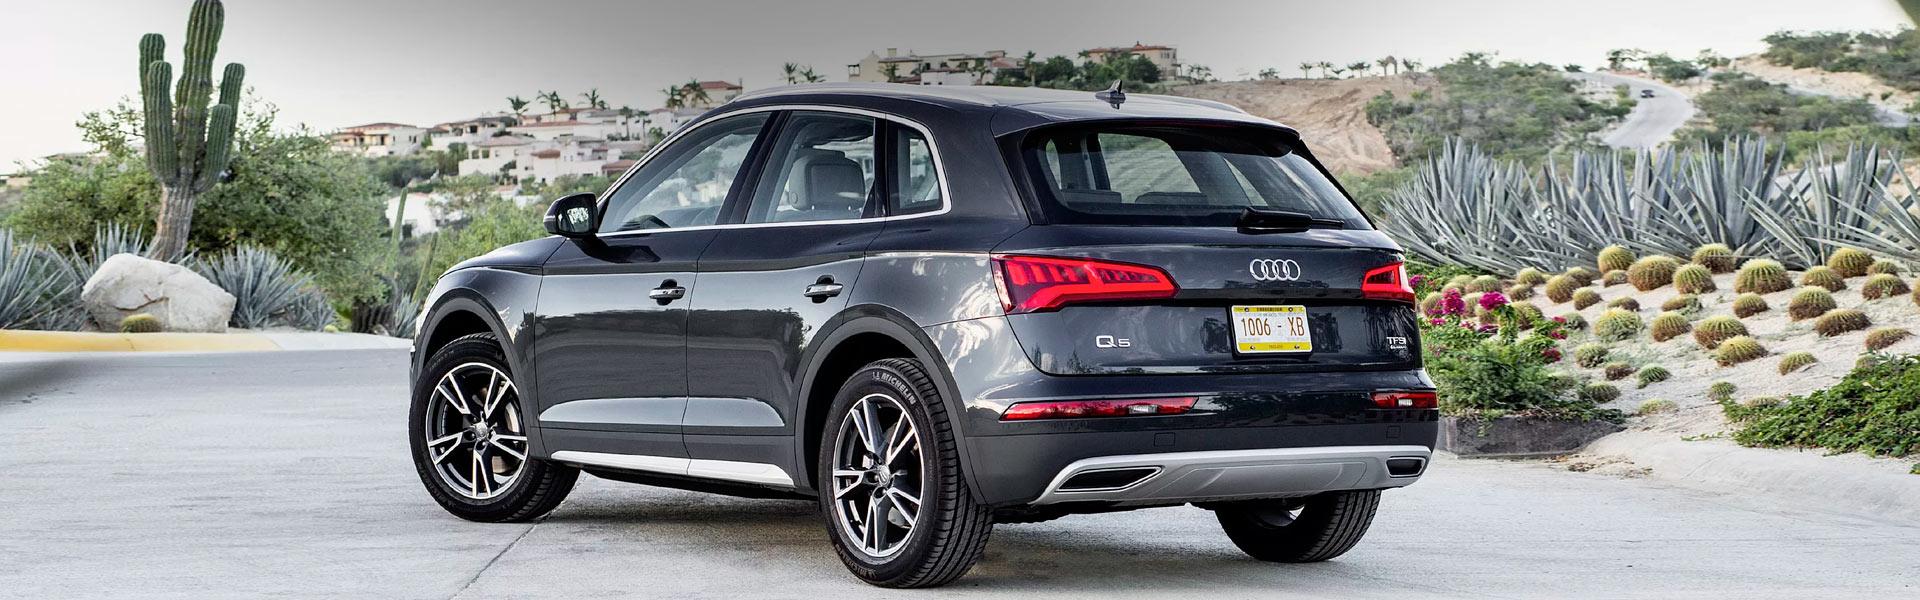 Сервис Audi Q5